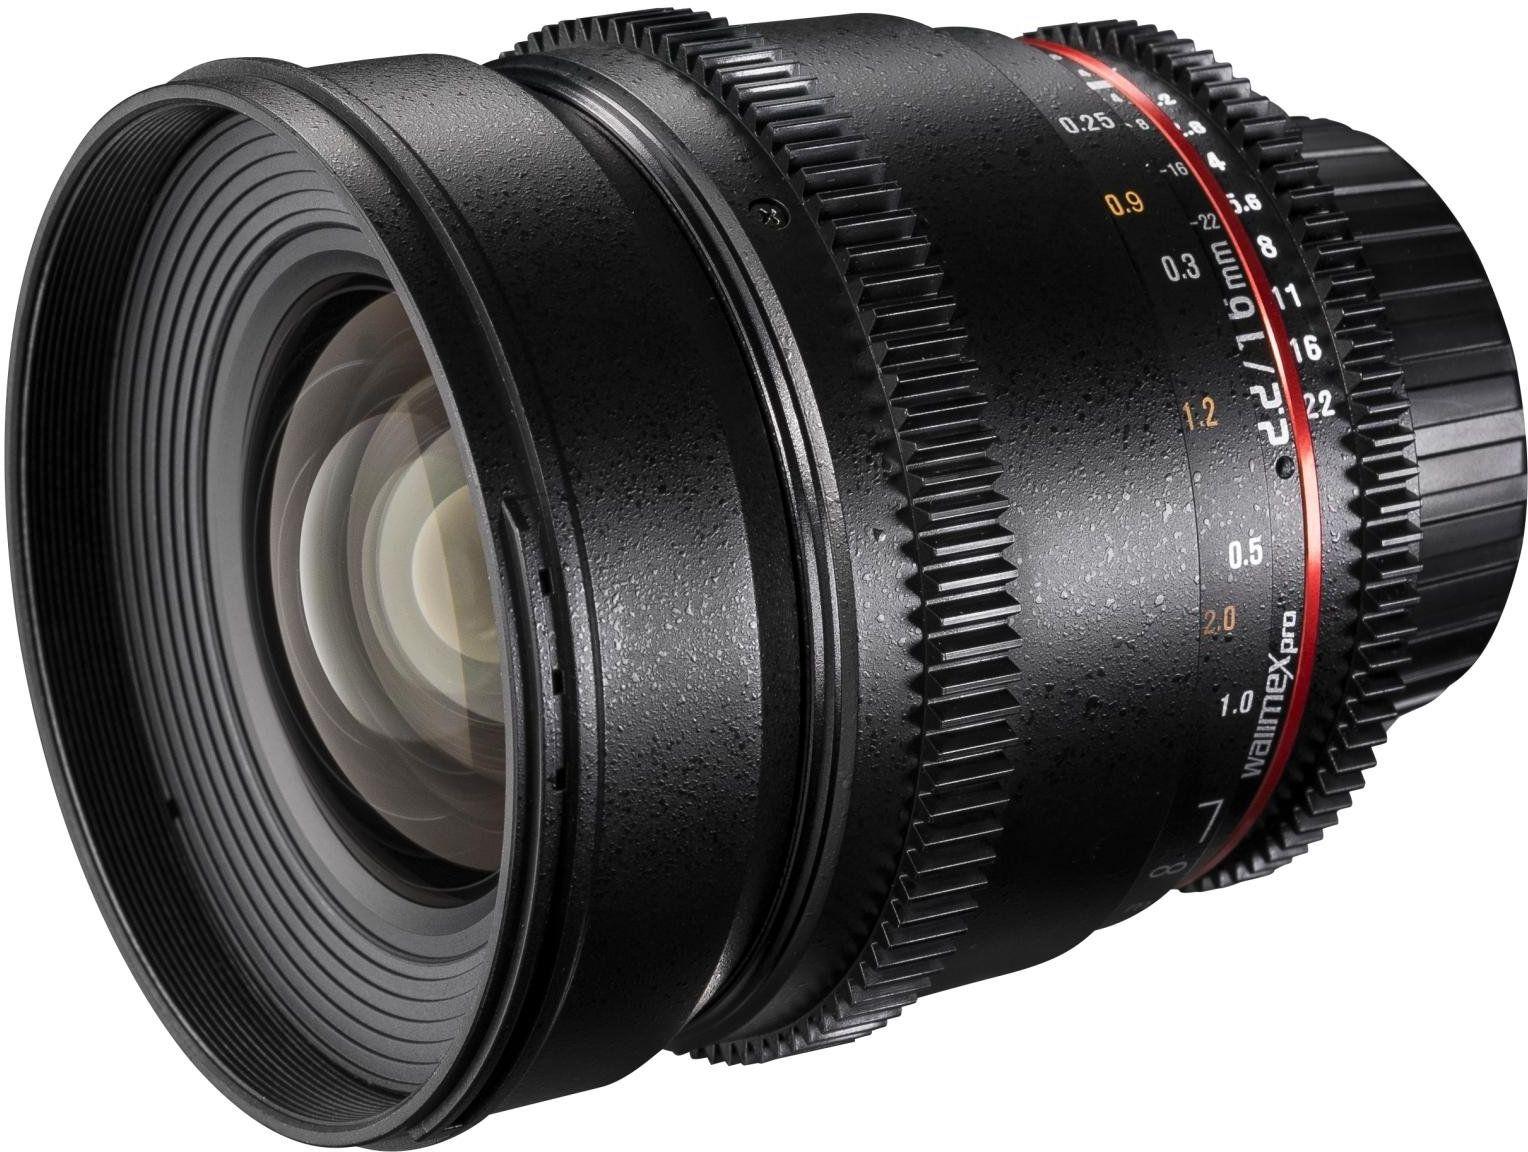 Walimex Pro 16 mm 1:2,2 VDSLR obiektyw szerokokątny do obiektywu Nikon F, czarny (ręczna regulacja ostrości, dla czujnika APS-C, IF, z osłoną ochronną i workiem na obiektyw)